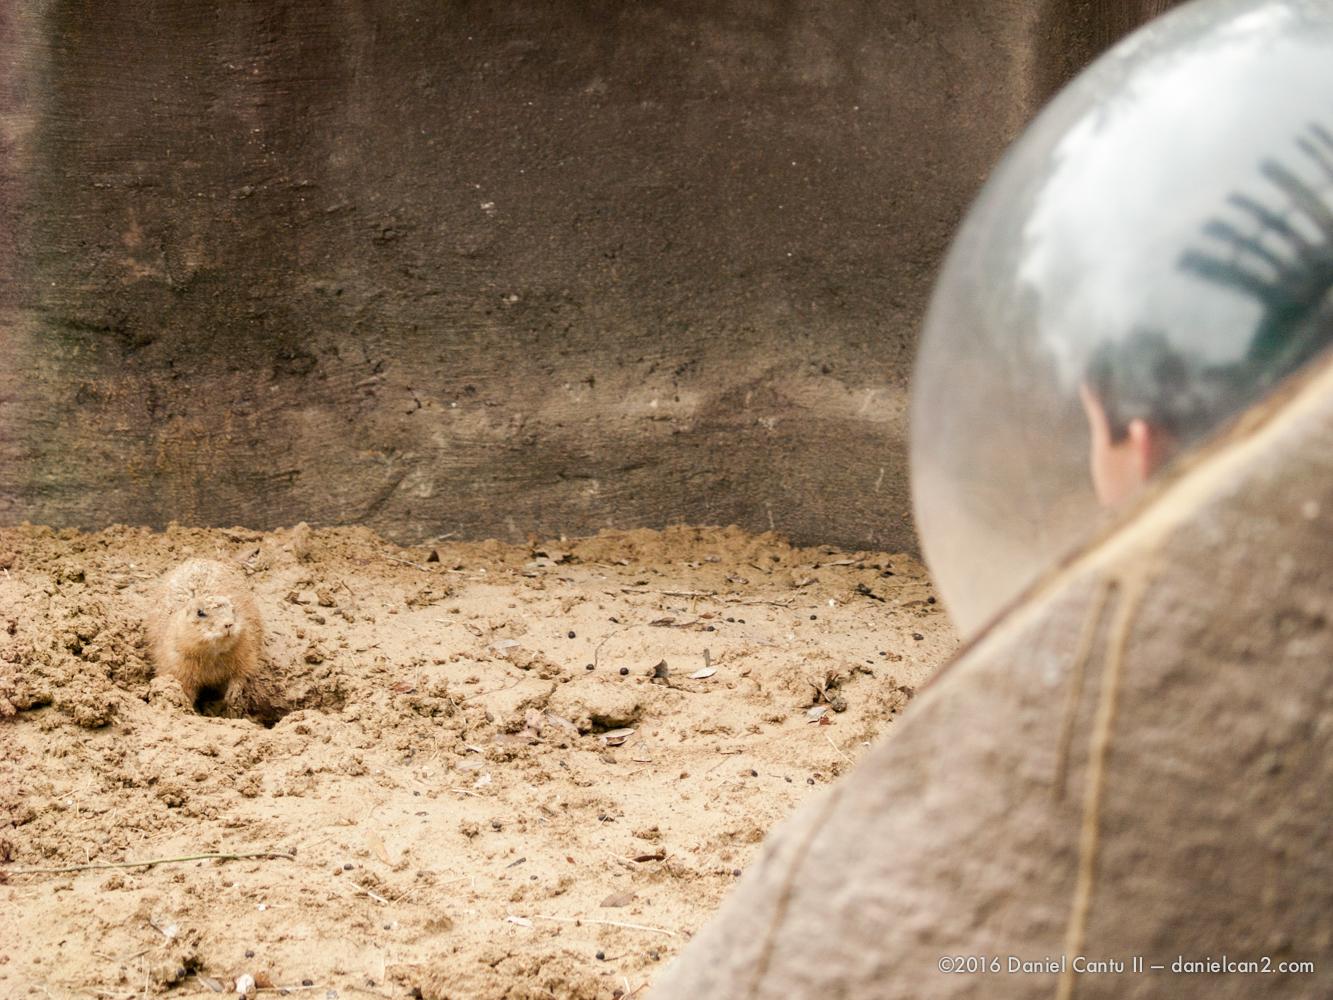 Daniel-Cantu-II-Zoo-March-2015-10.jpg